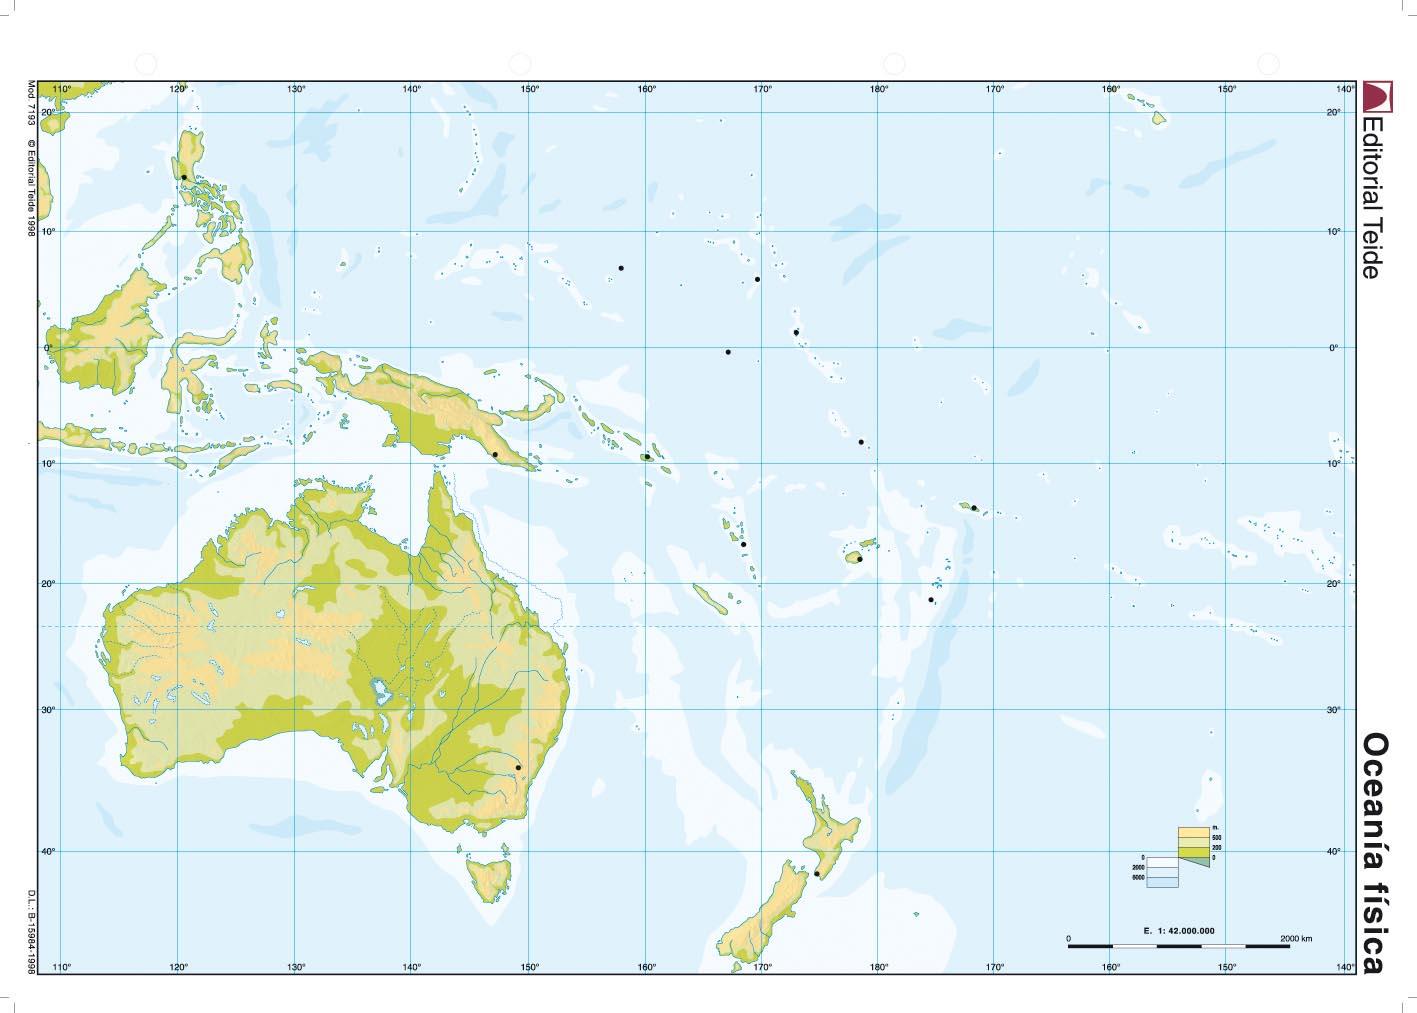 Juegos De Geografia Juego De Mapa Fisico De Oceania 2 Cerebriti